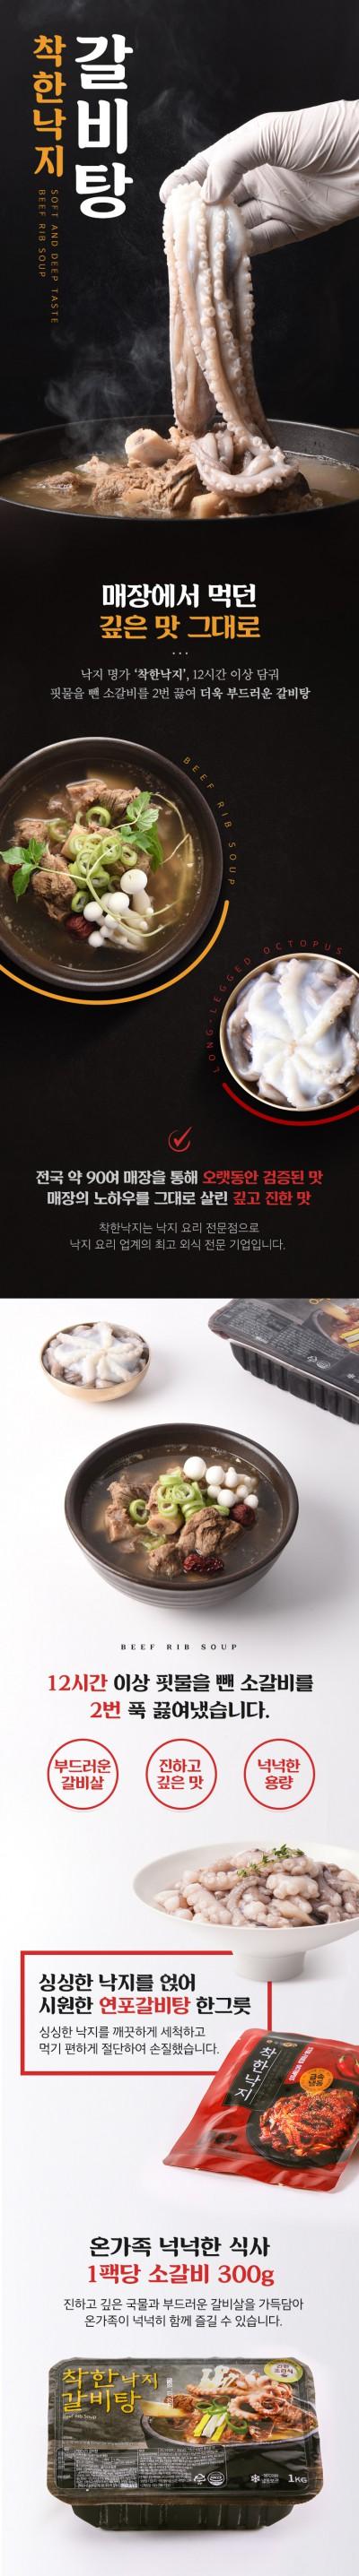 [D169]착한낙지 갈비탕 상세페이지 제작+촬영